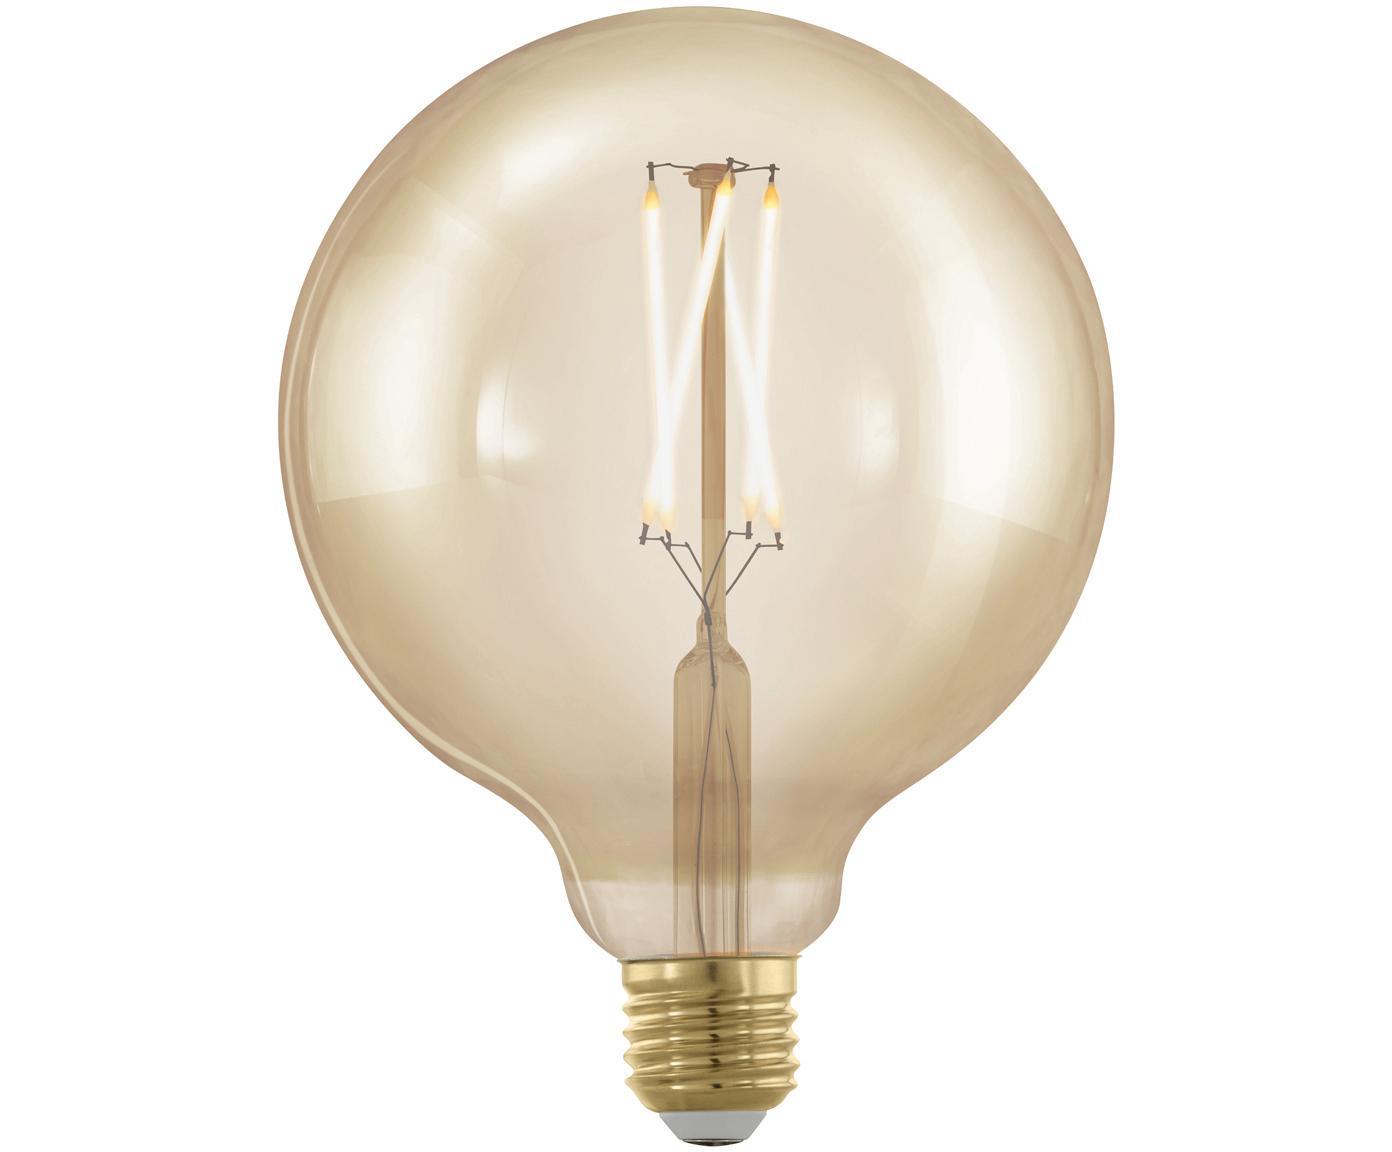 Żarówka LED XL Cross (E27/4 W) 5 szt., Transparentny, bursztynowy, Ø 13 x W 17 cm